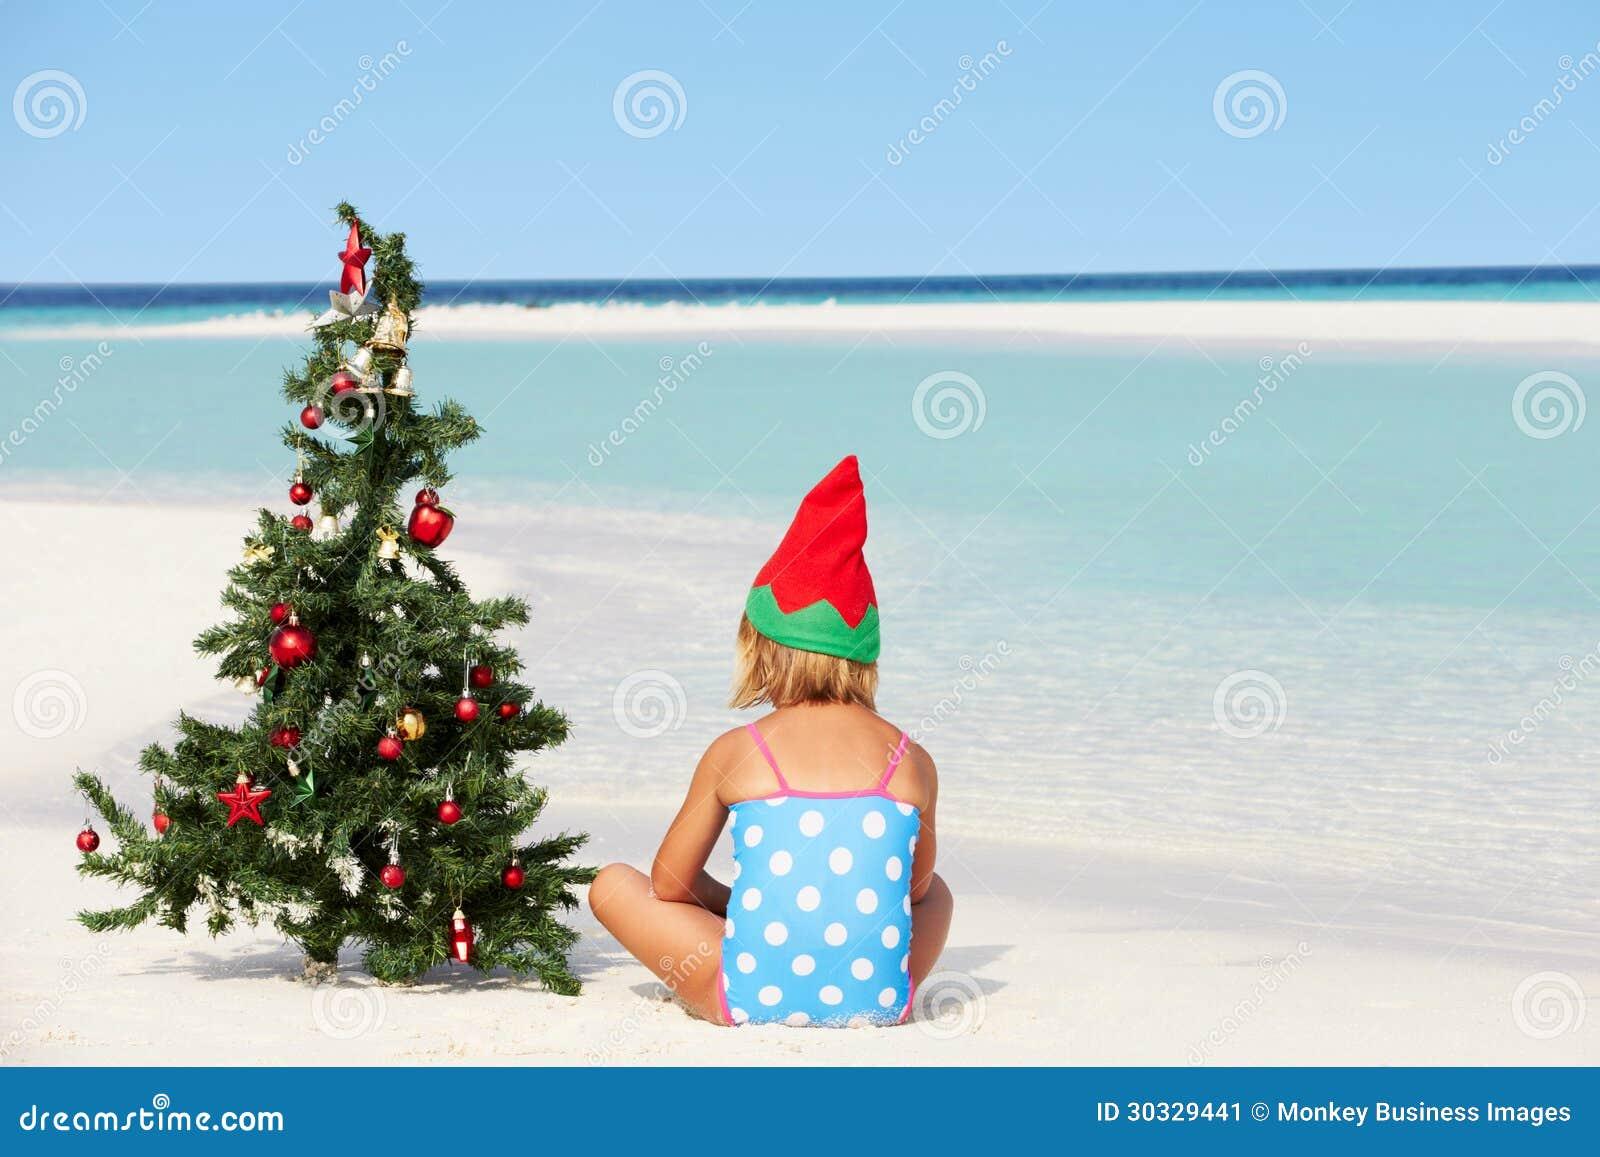 女孩坐与圣诞树和帽子的海滩